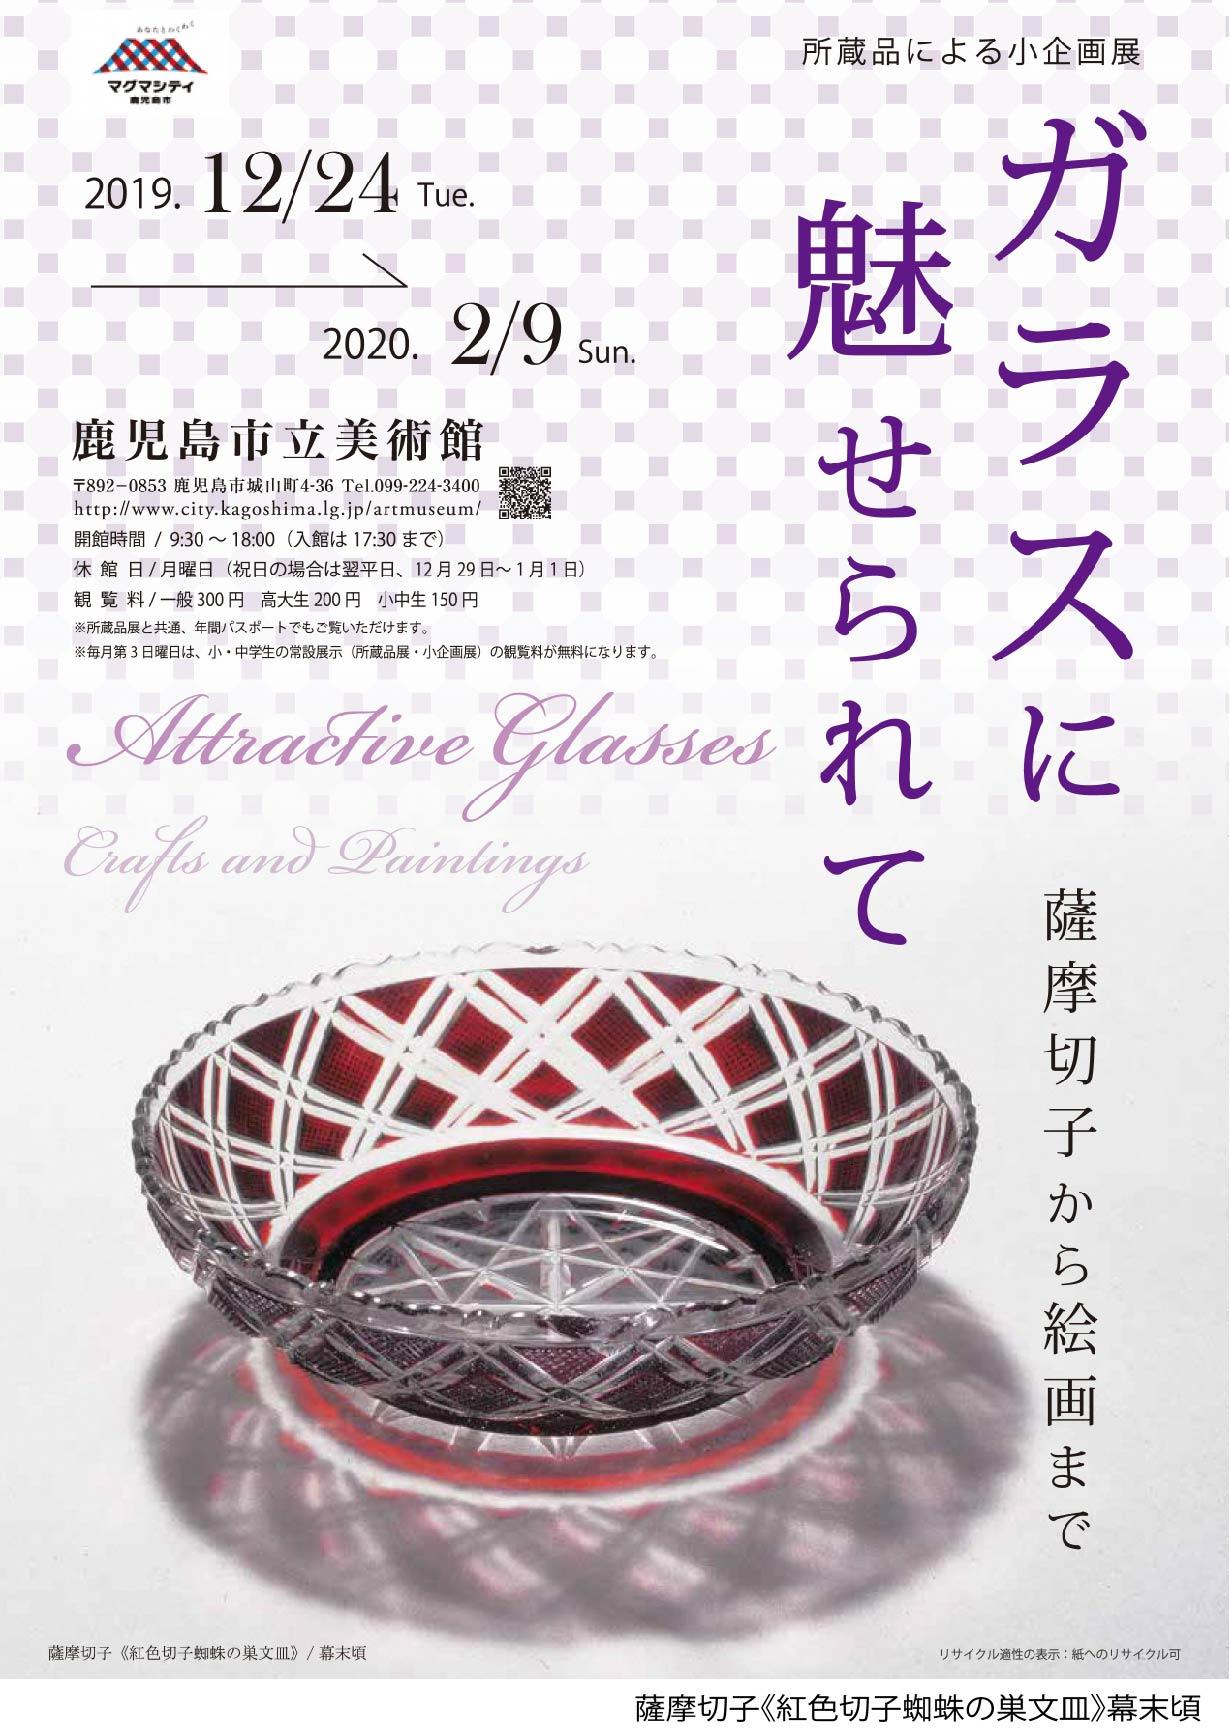 小企画展「ガラスに魅せられて―薩摩切子から絵画まで」